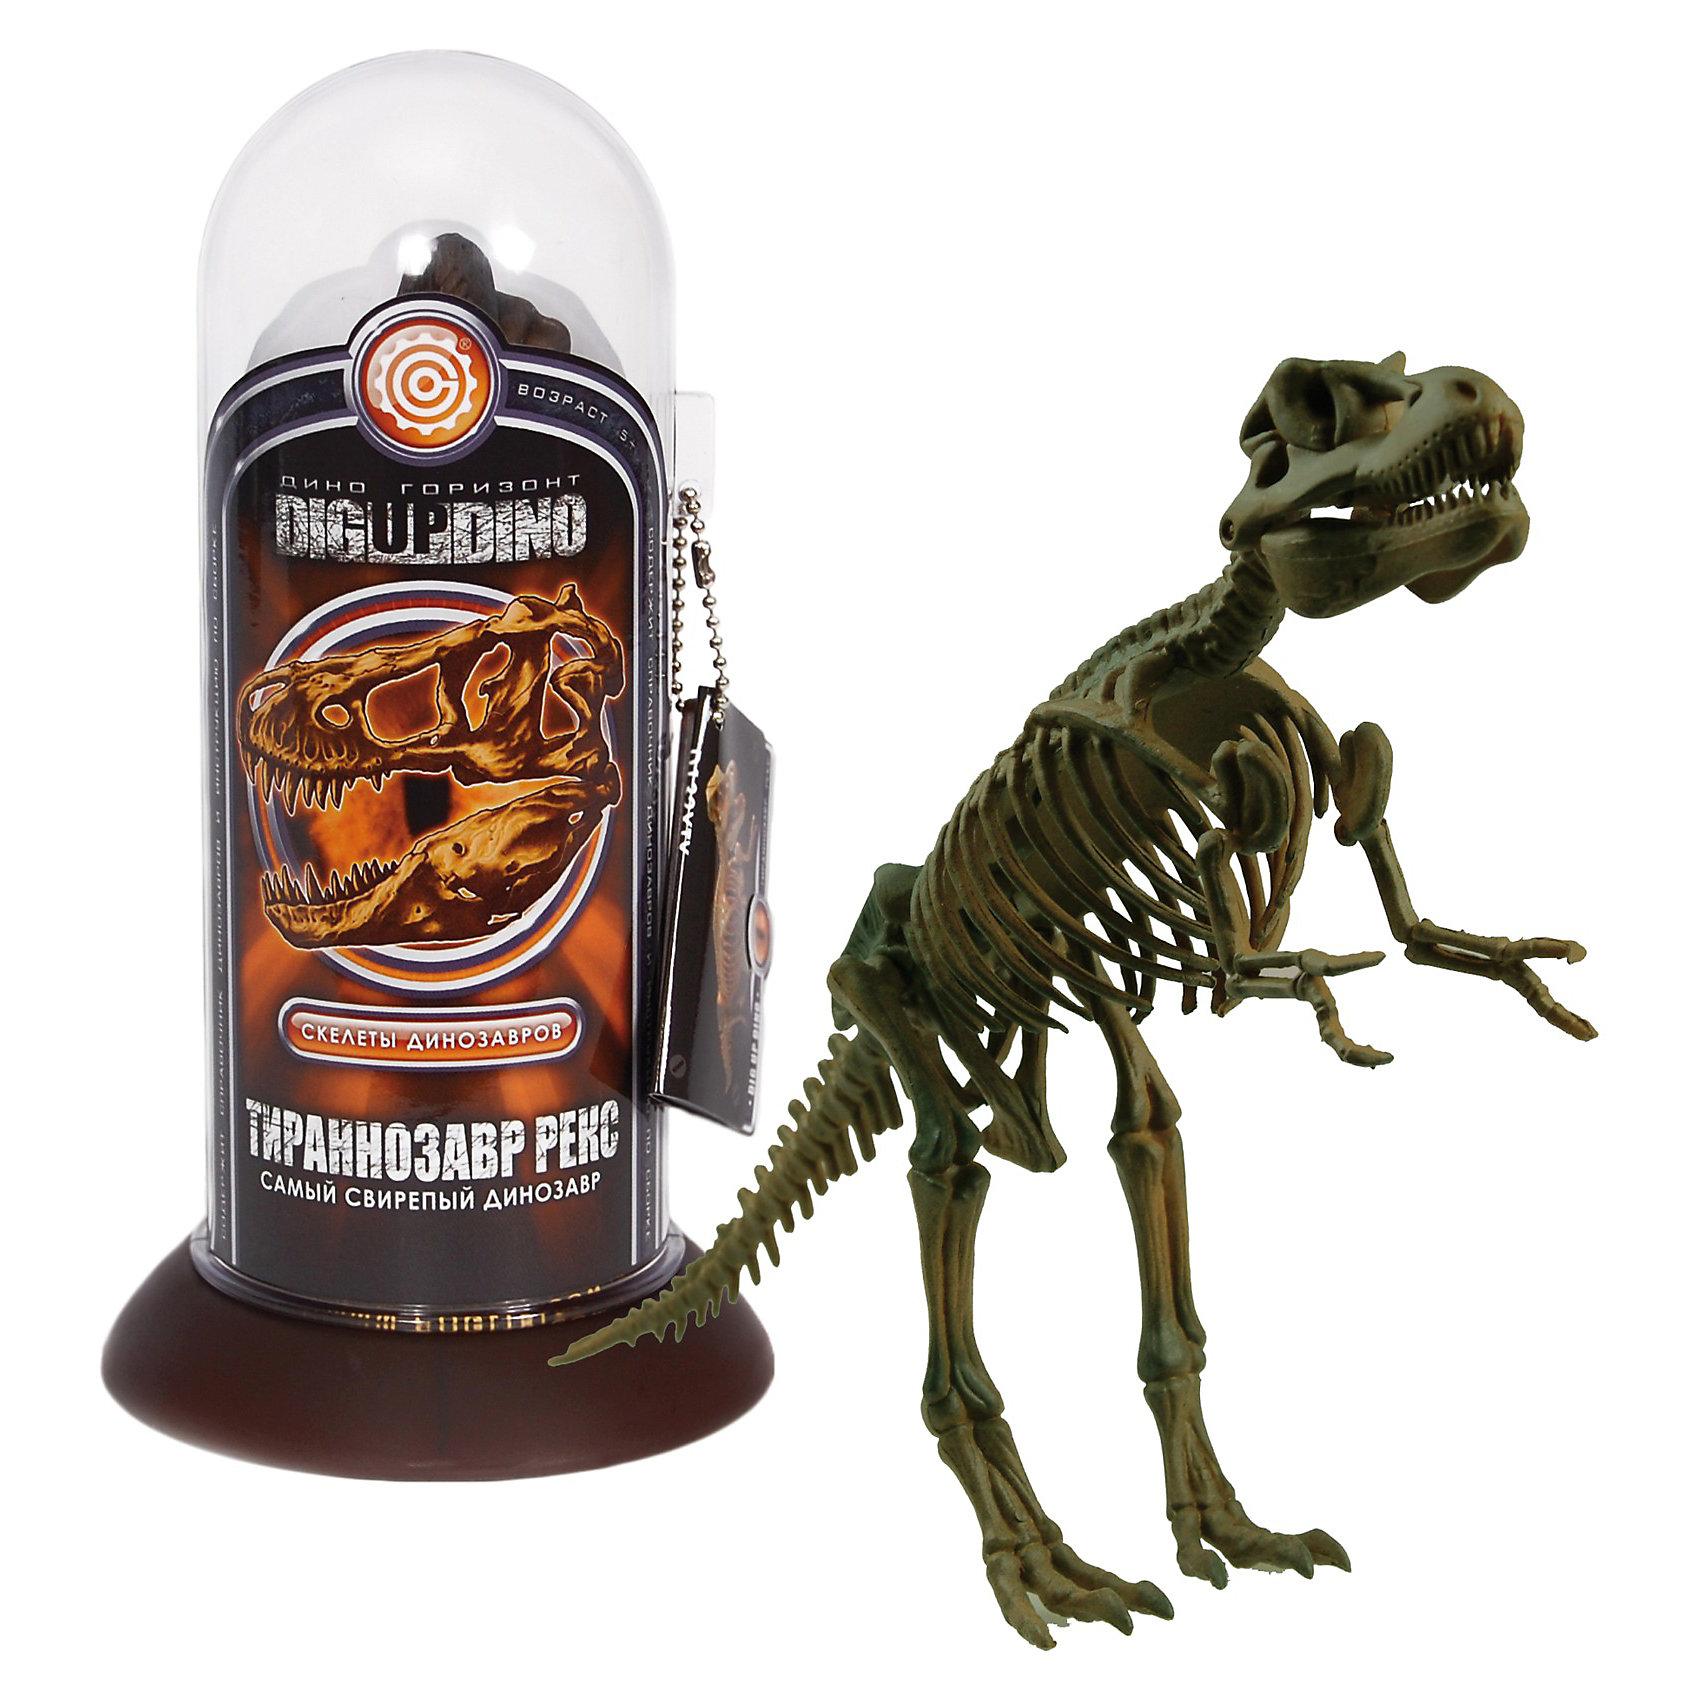 Раскопки: Тираннозавр Рекс (Скелет самого свирепого динозавра)